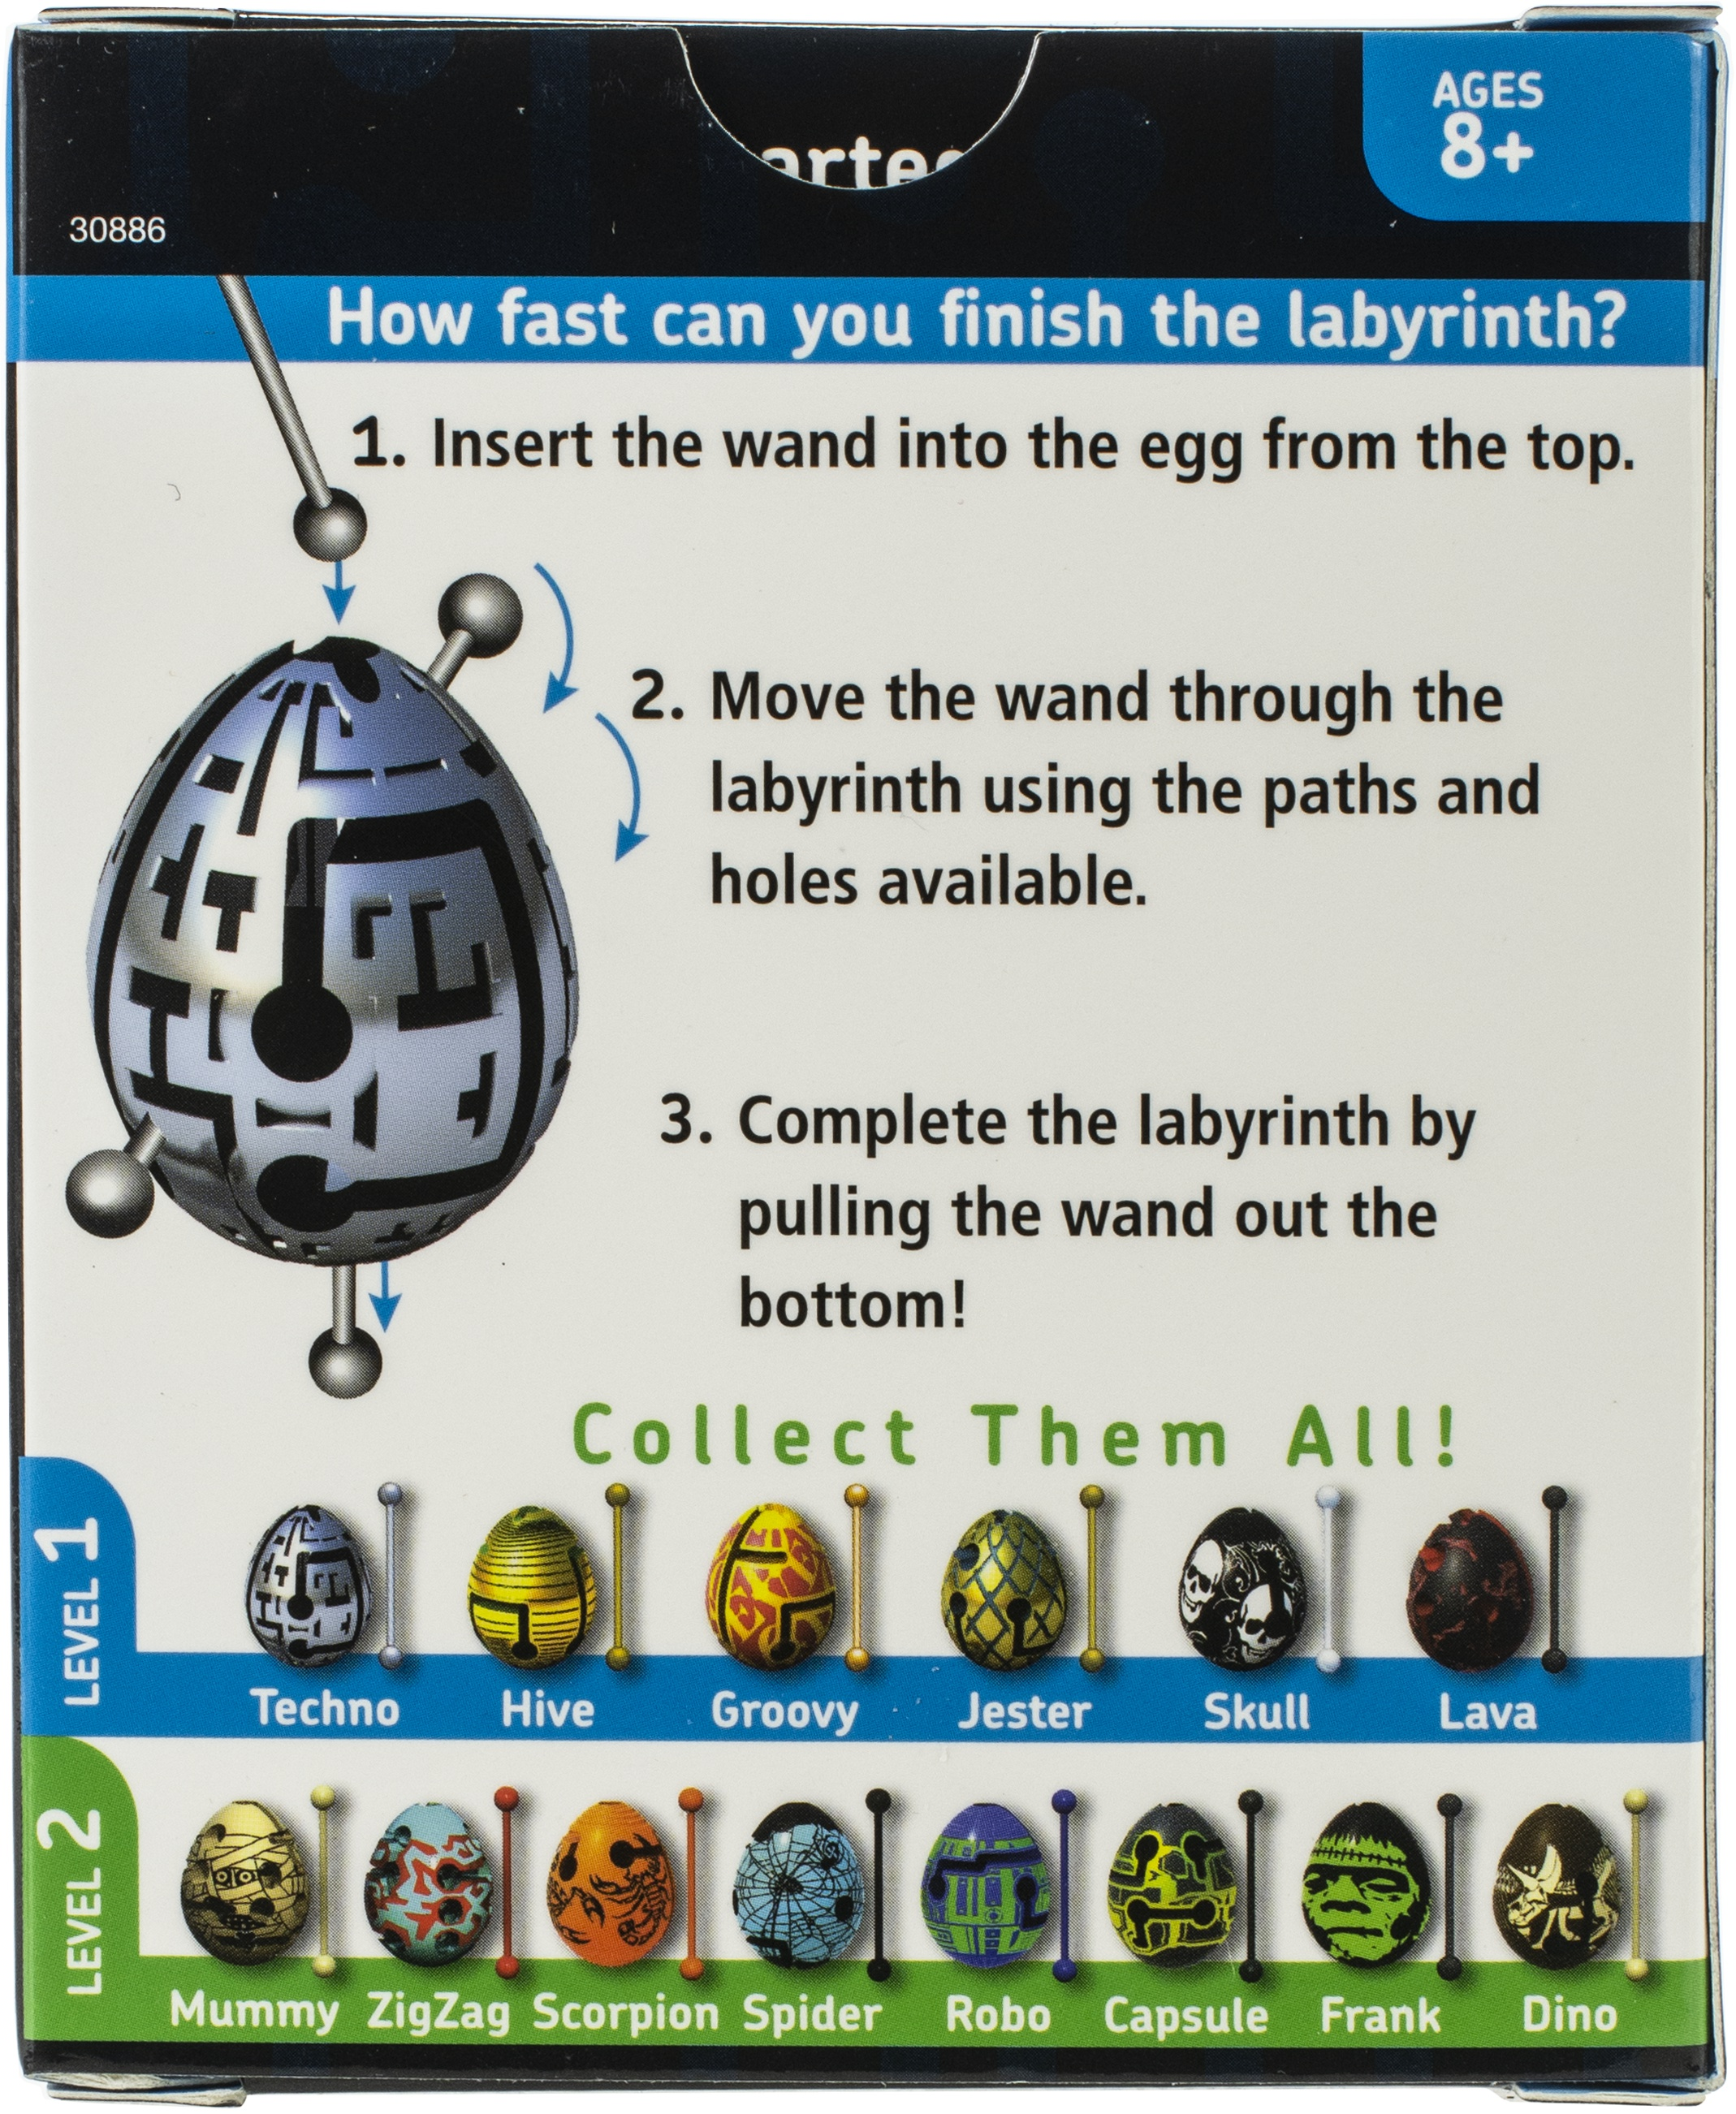 1-Layer Smart Egg -Techno Level 1